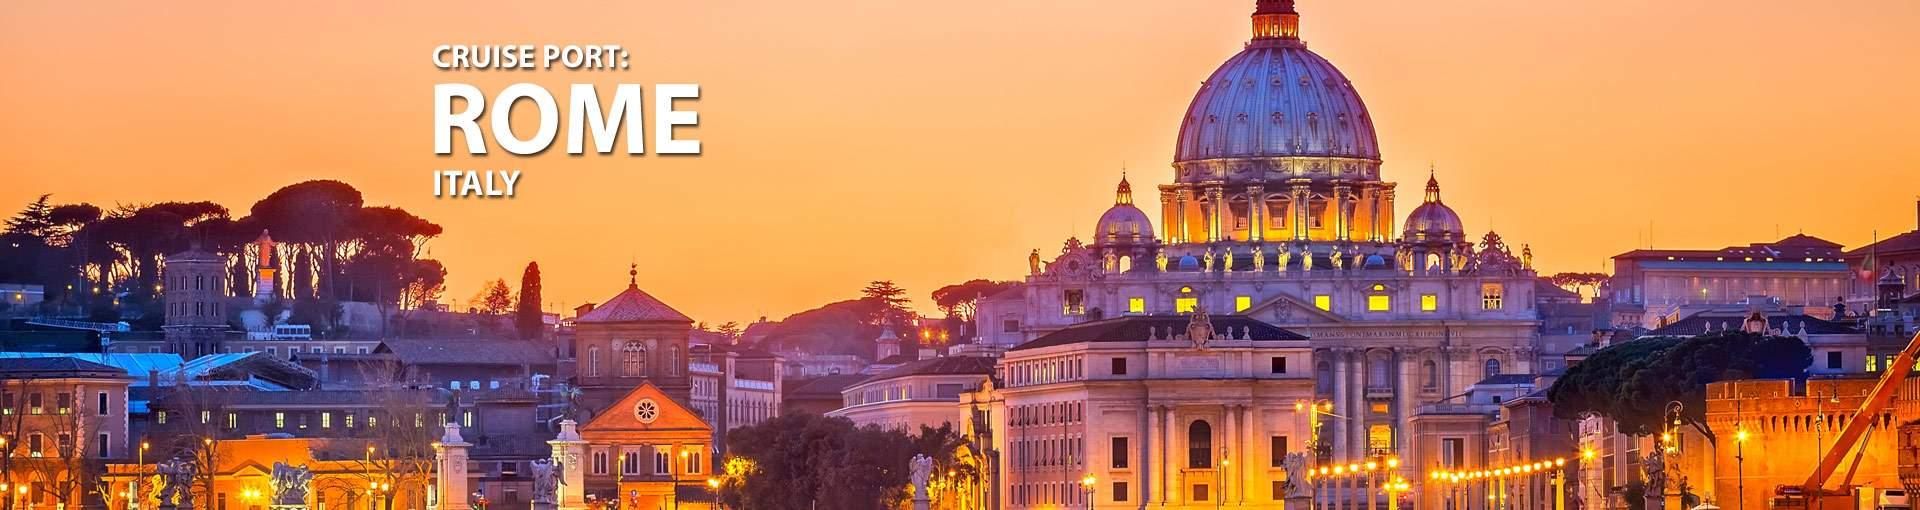 Rome civitavecchia italy cruise port 2018 and 2019 - Getting from civitavecchia port to rome ...